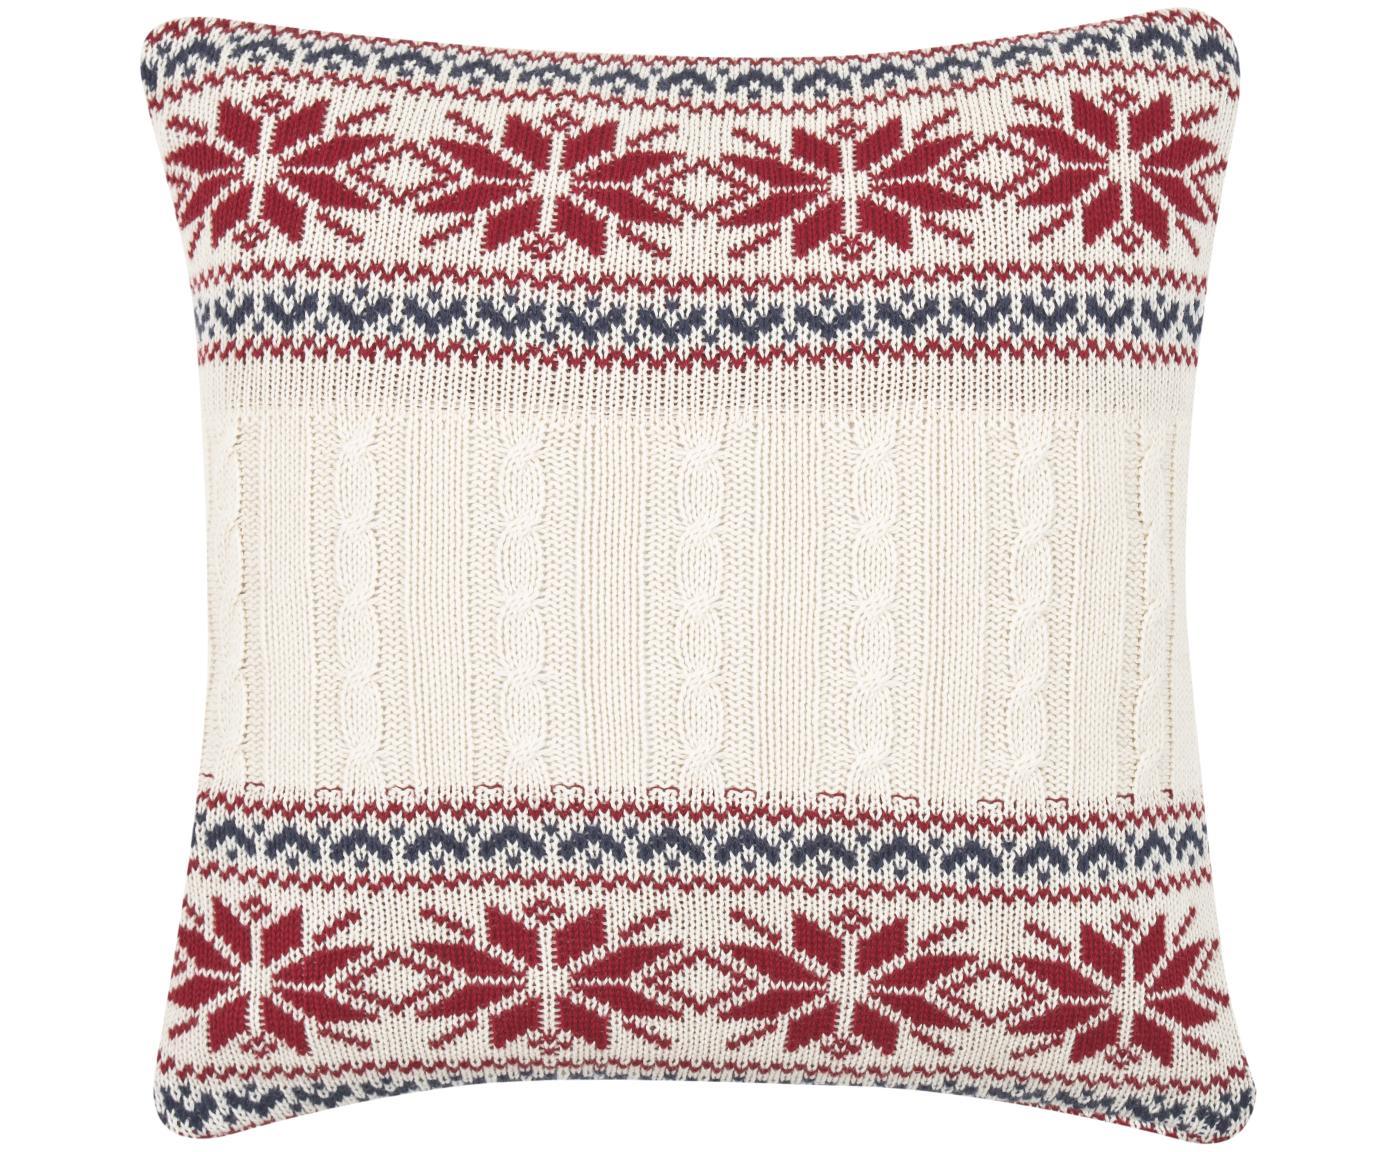 Dzianinowa poszewka na poduszkę Flemming, 100% bawełna, Kremowy, czerwony, ciemnoniebieski, S 40 x D 40 cm